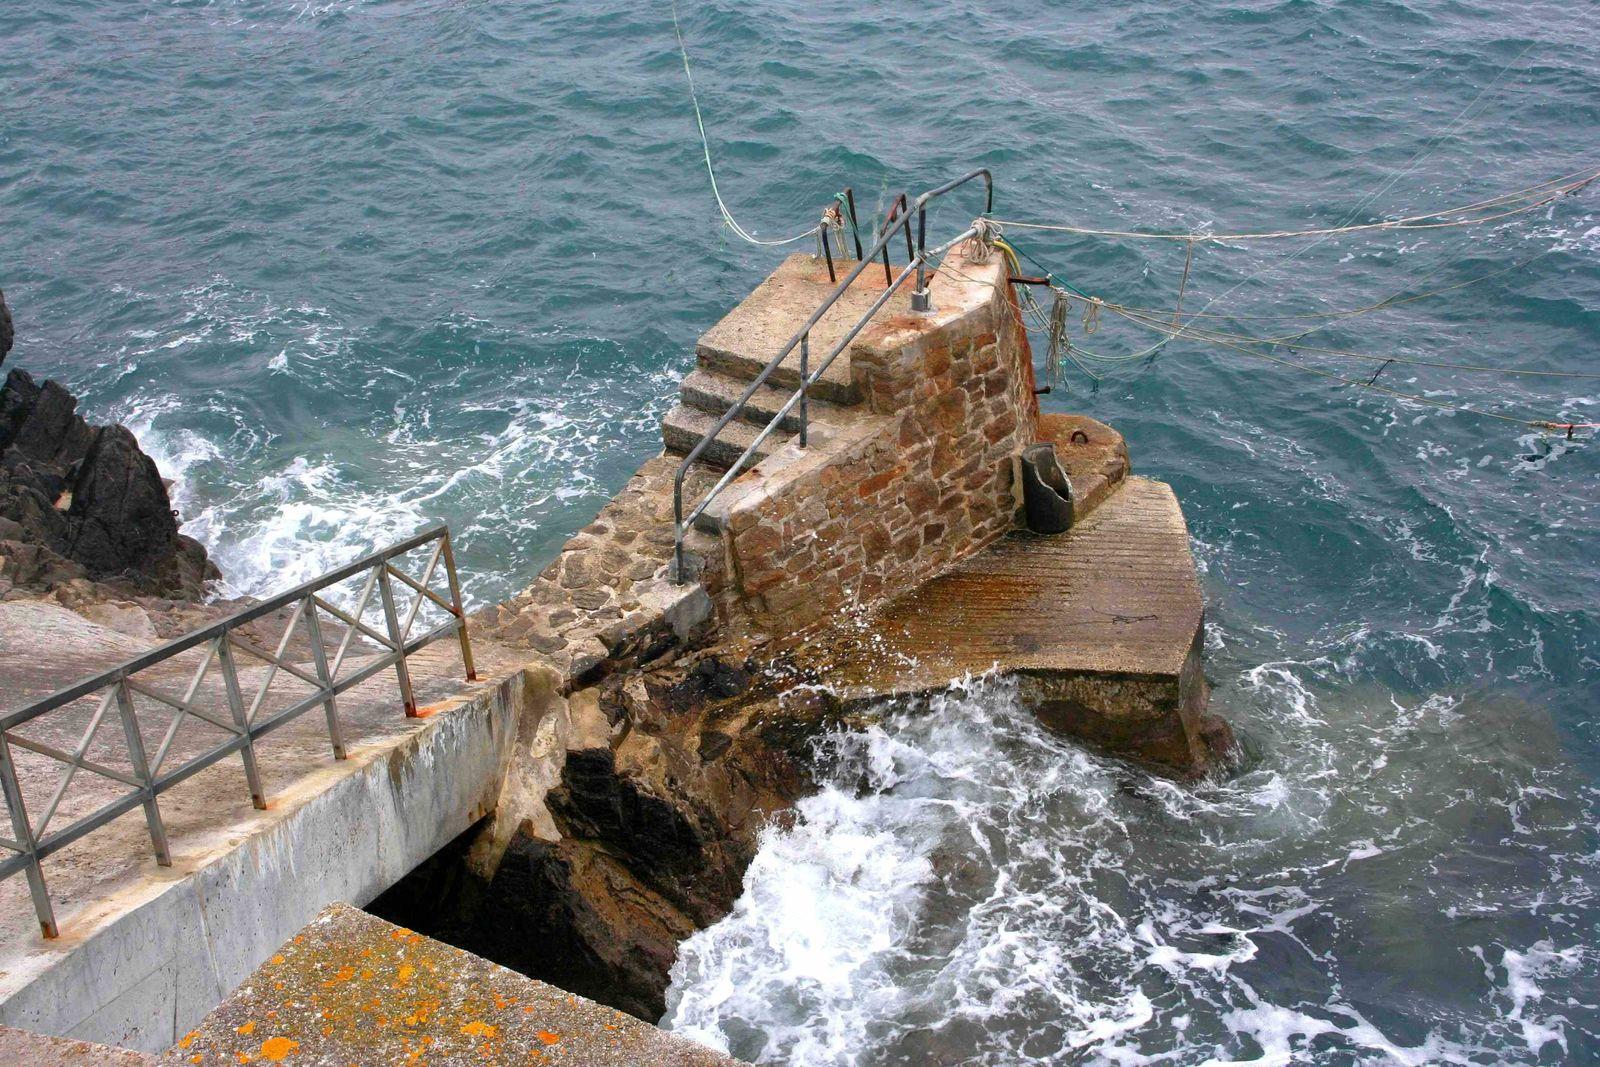 221 -    Le port abri du Vorlen, porzh ar Vorlenn, baie des Trépassés, pointe du Van, Cap-Sizun, Finistère-sud, Brittany, photos by GeoMar